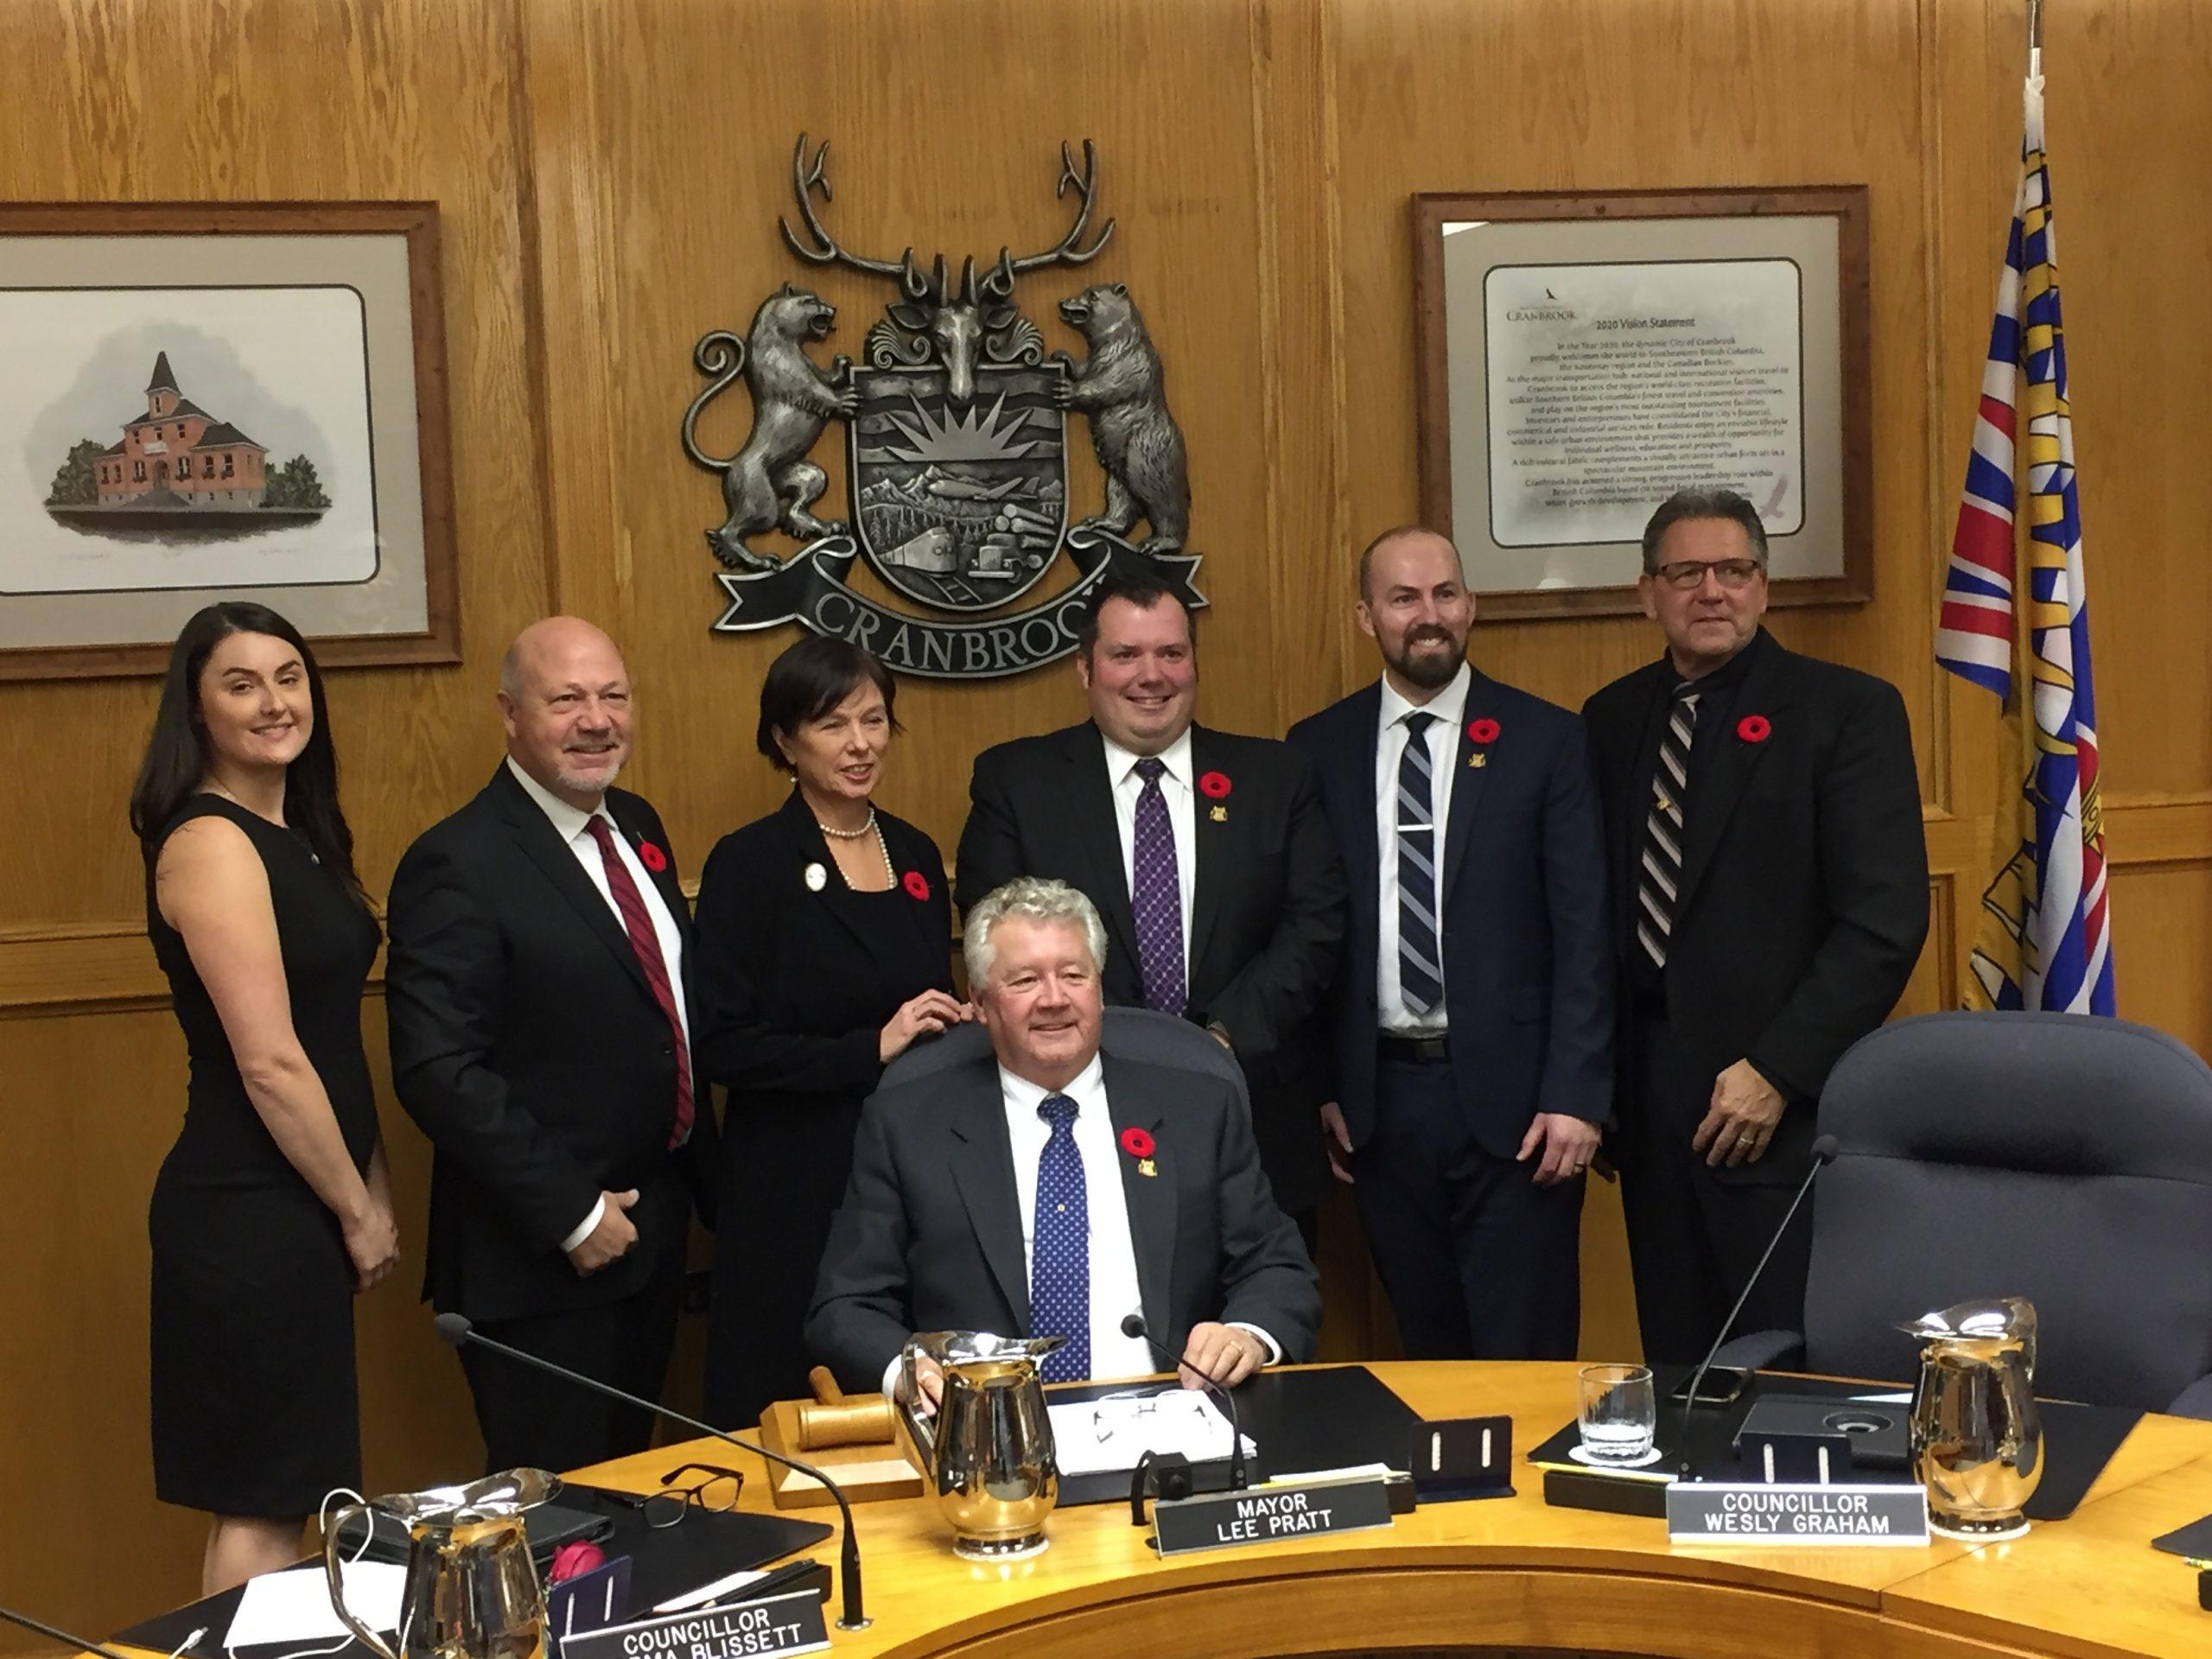 Wayne Price sworn in as new Cranbrook City Councillor